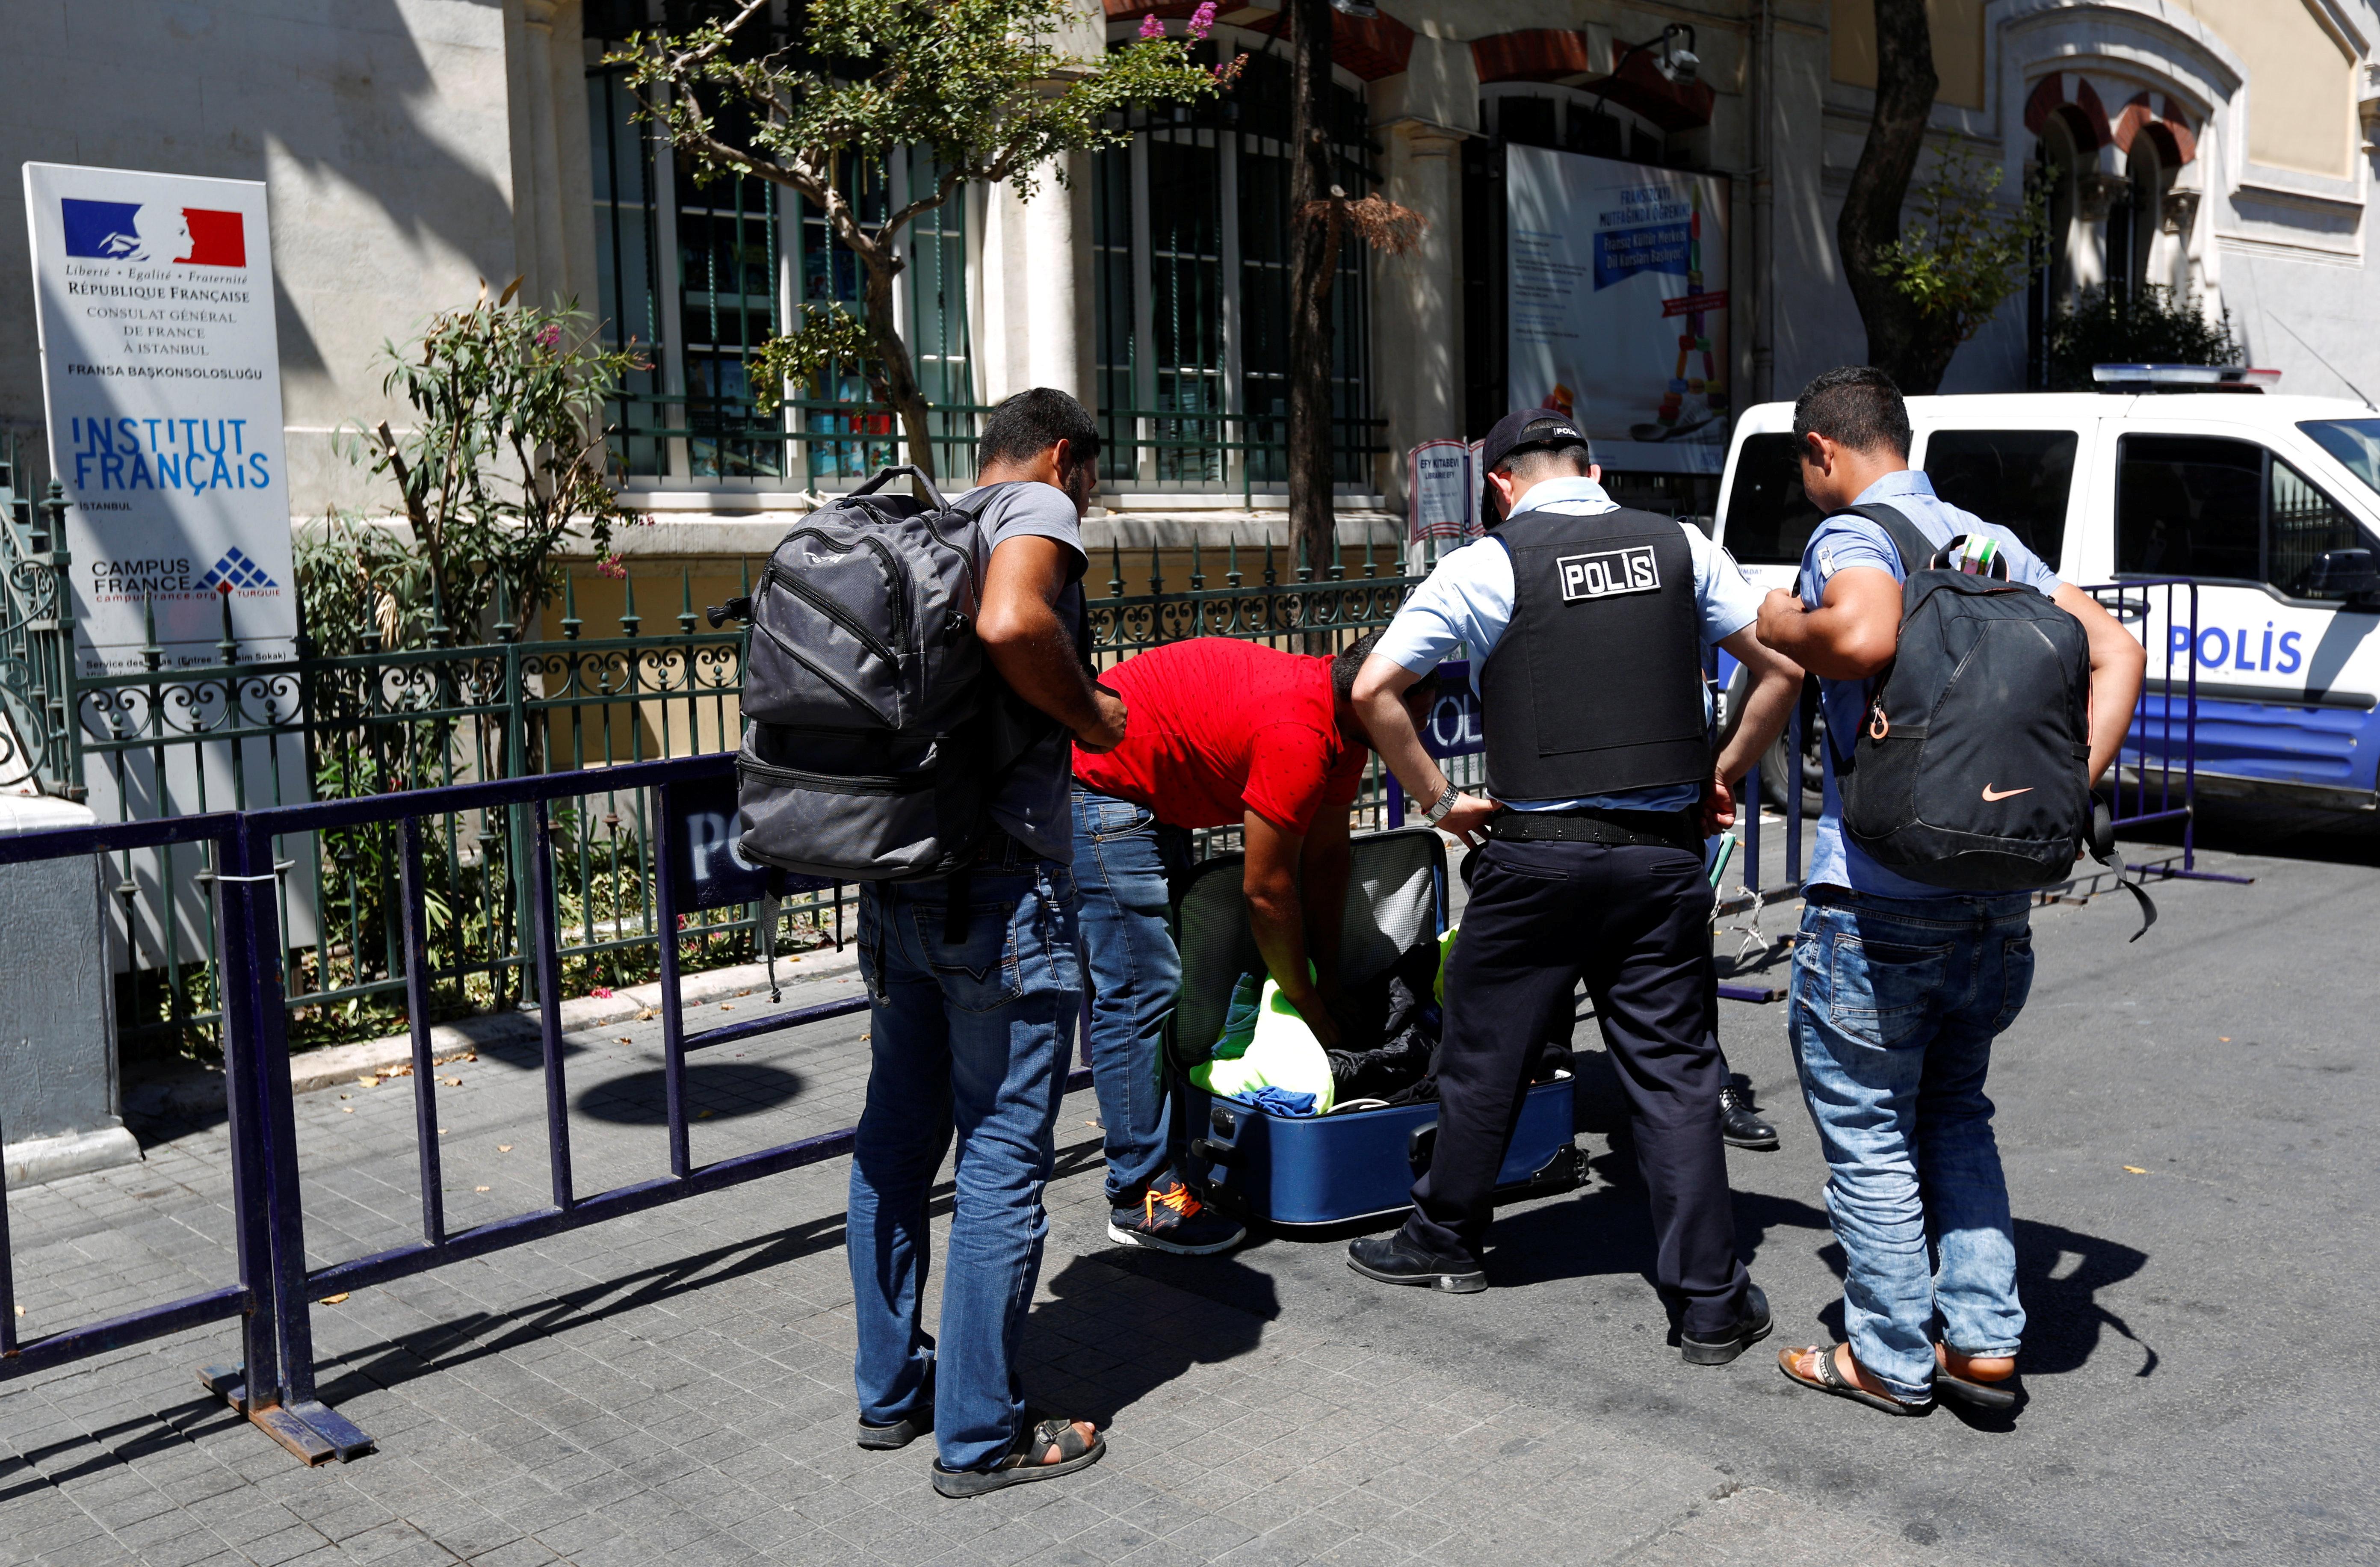 Τουρκία: 3.500 προσαγωγές από επιχείρηση «ασφάλειας και